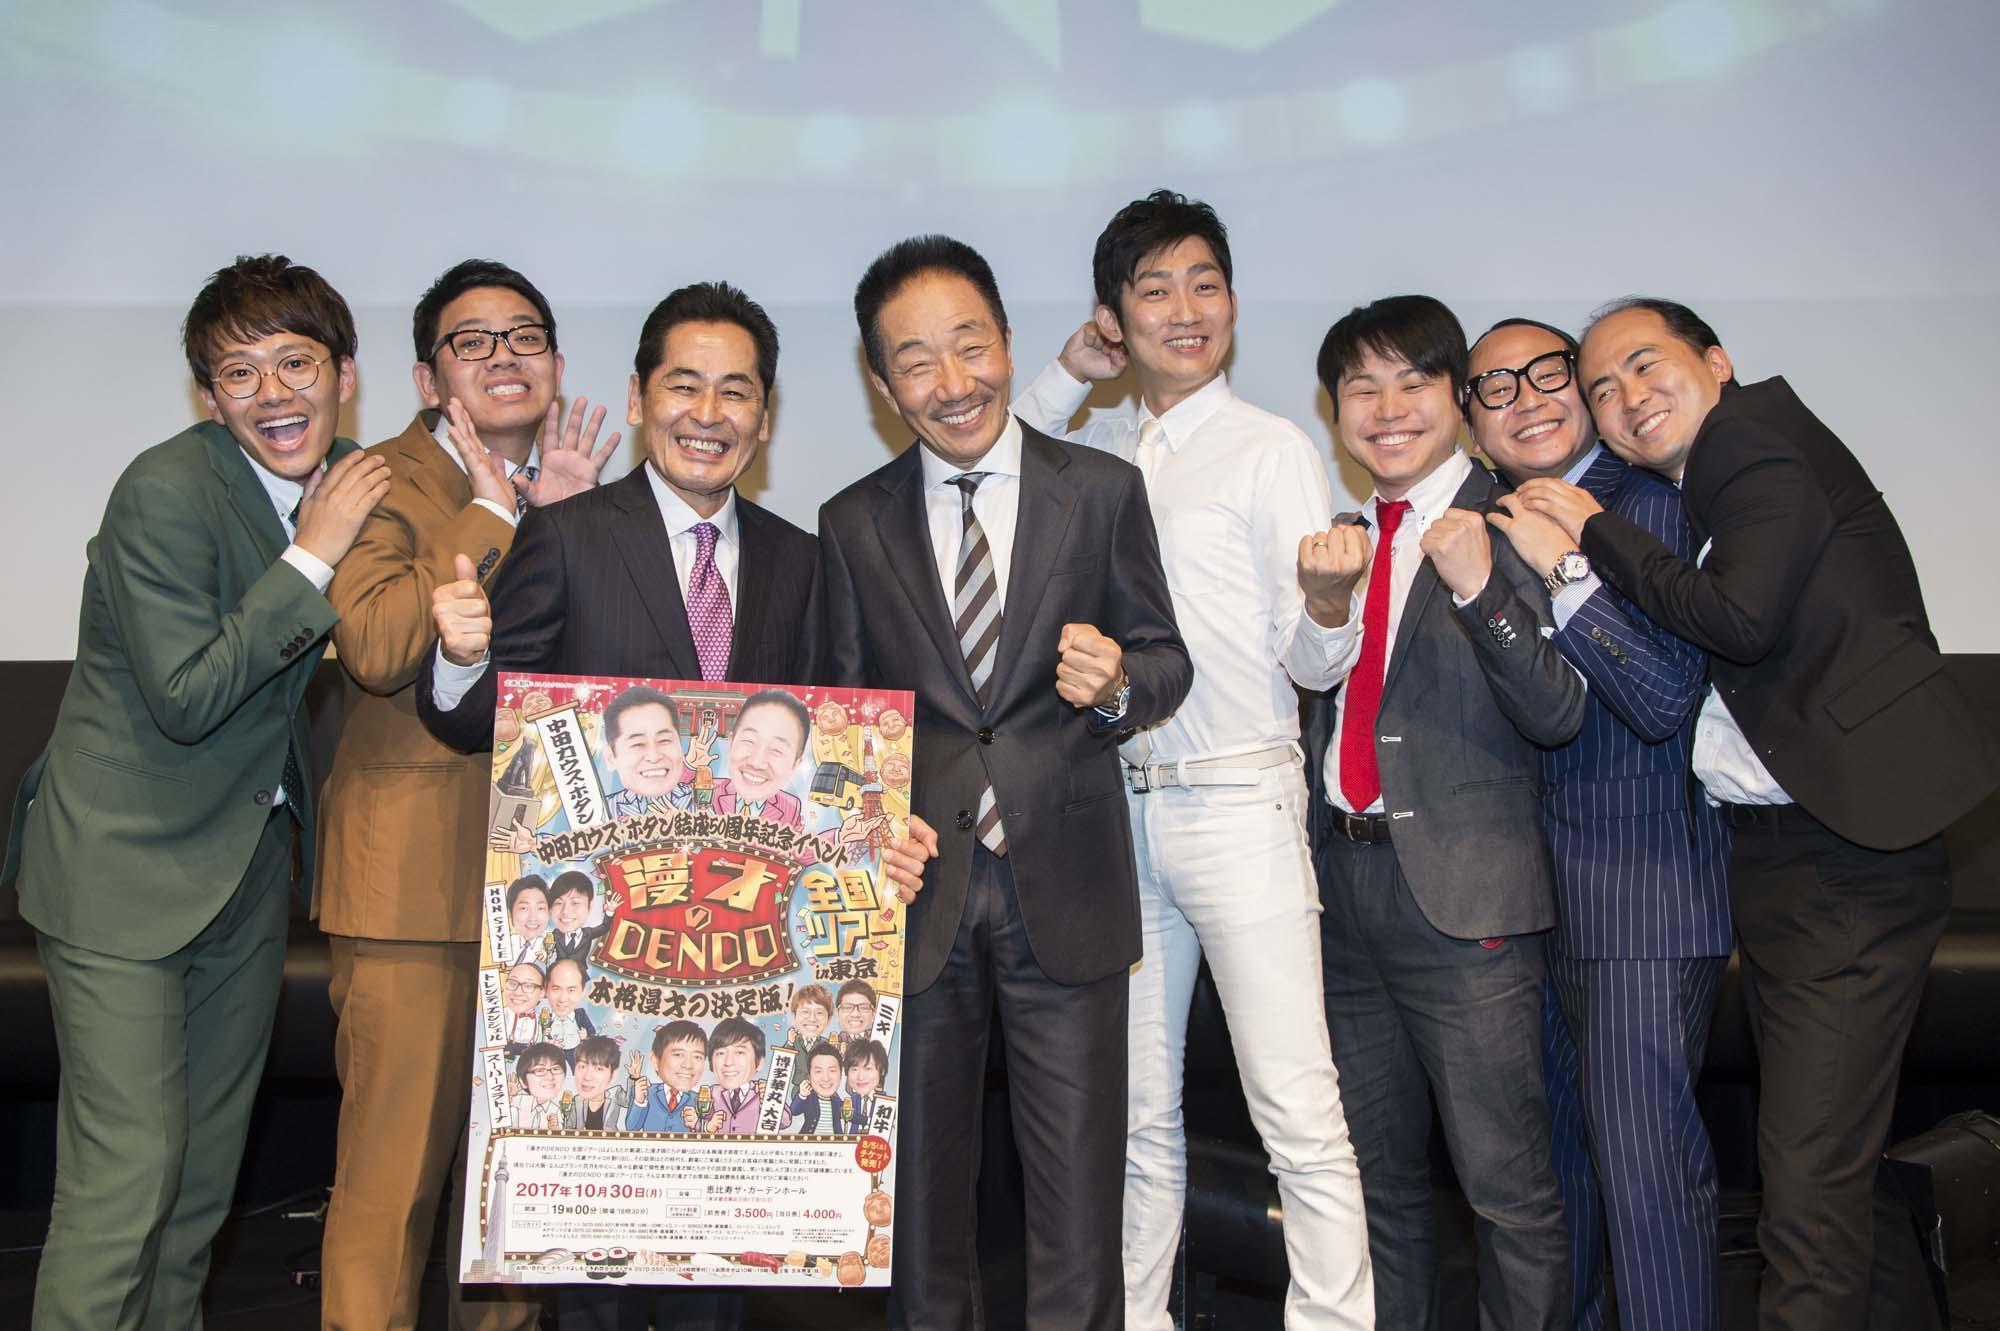 http://news.yoshimoto.co.jp/20171110142752-13ac73d8ee7928f948724d737dabaa9b953d444b.jpg